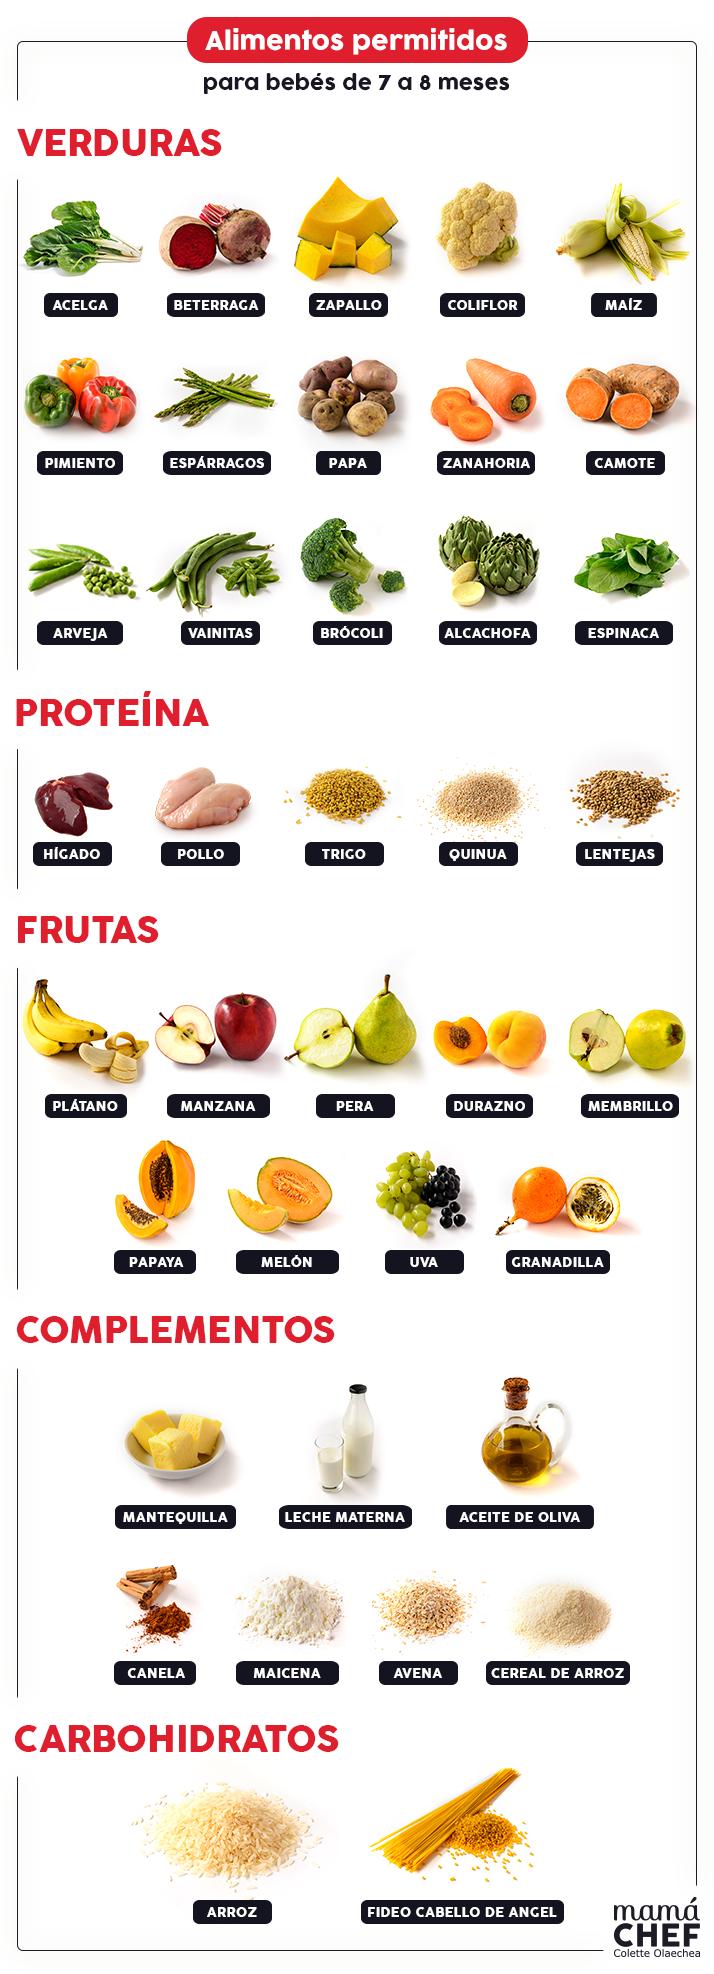 Alimentos para bebés de 7 a 8 meses